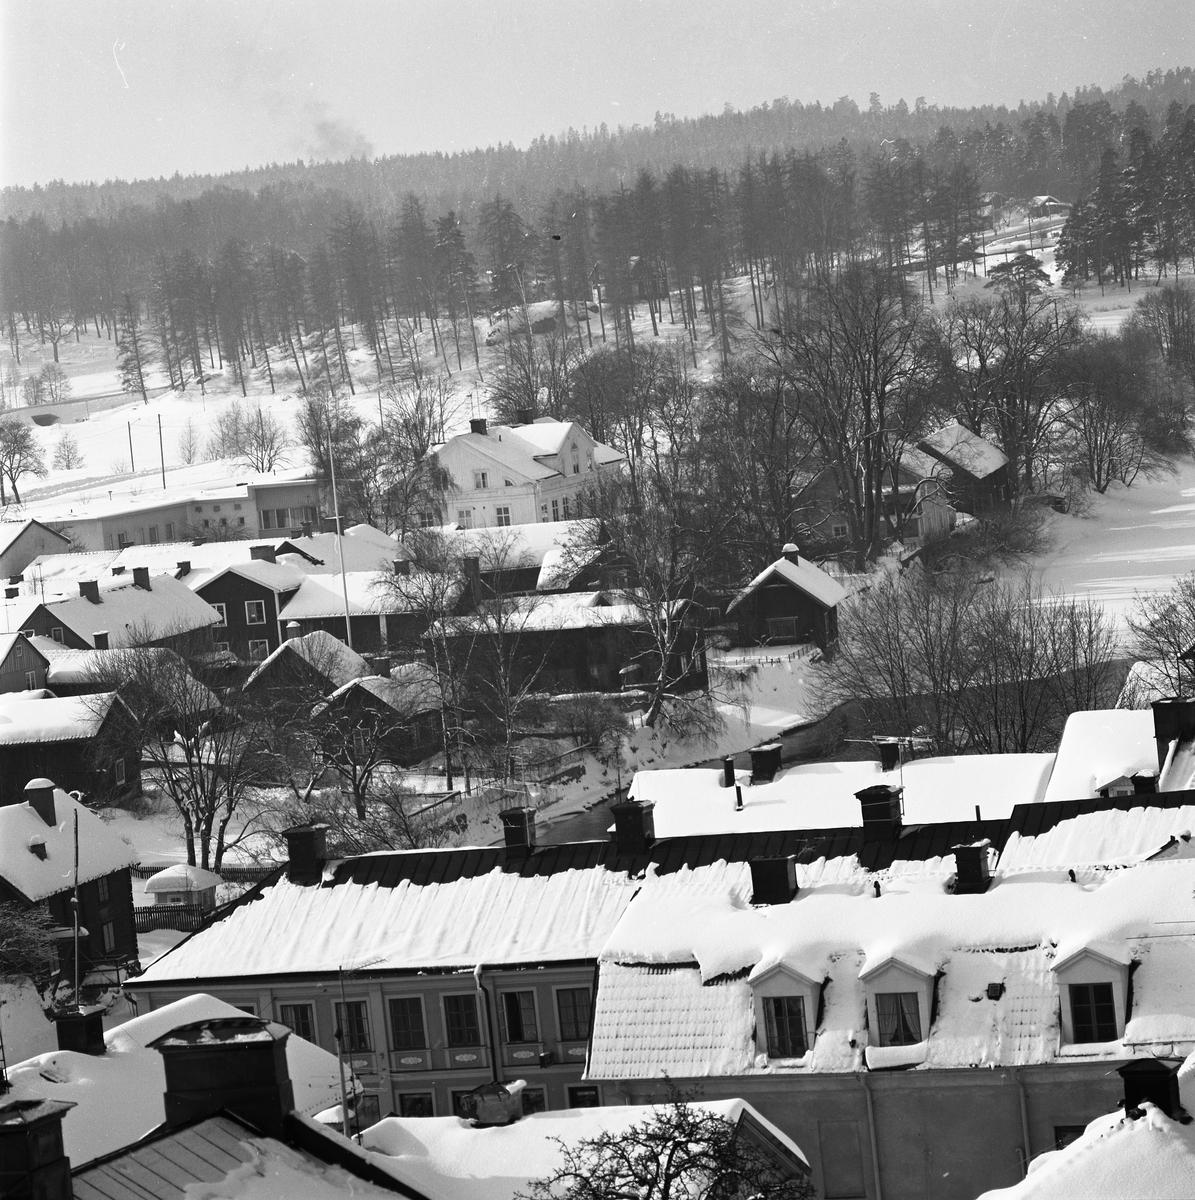 Närmast, i bild, ligger kvarteret Kungsgården och där bortom kvarteret Stadsgården. Fastigheter vid Storgatan. Byggnader vid Vinbäcken anas längst bort i bilden. Vy över Arboga centrum och västerut. Utsikt.